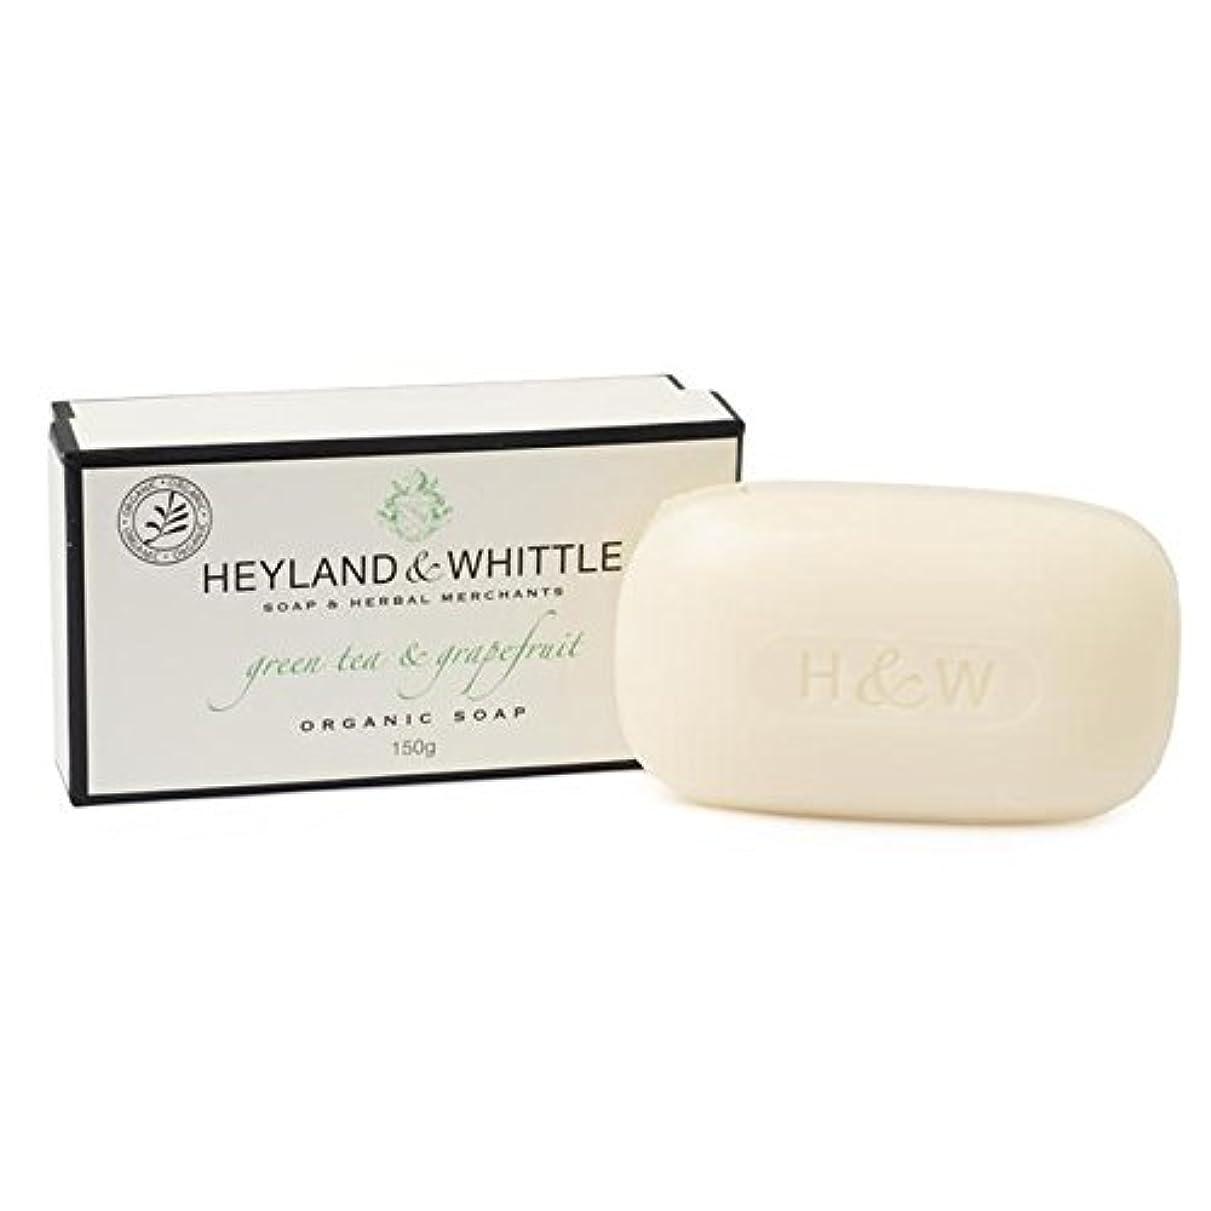 機関車ジャングル小川Heyland & Whittle Green Tea & Grapefruit Boxed Organic Soap 150g - &削る緑茶&グレープフルーツはオーガニックソープ150グラム箱入り [並行輸入品]